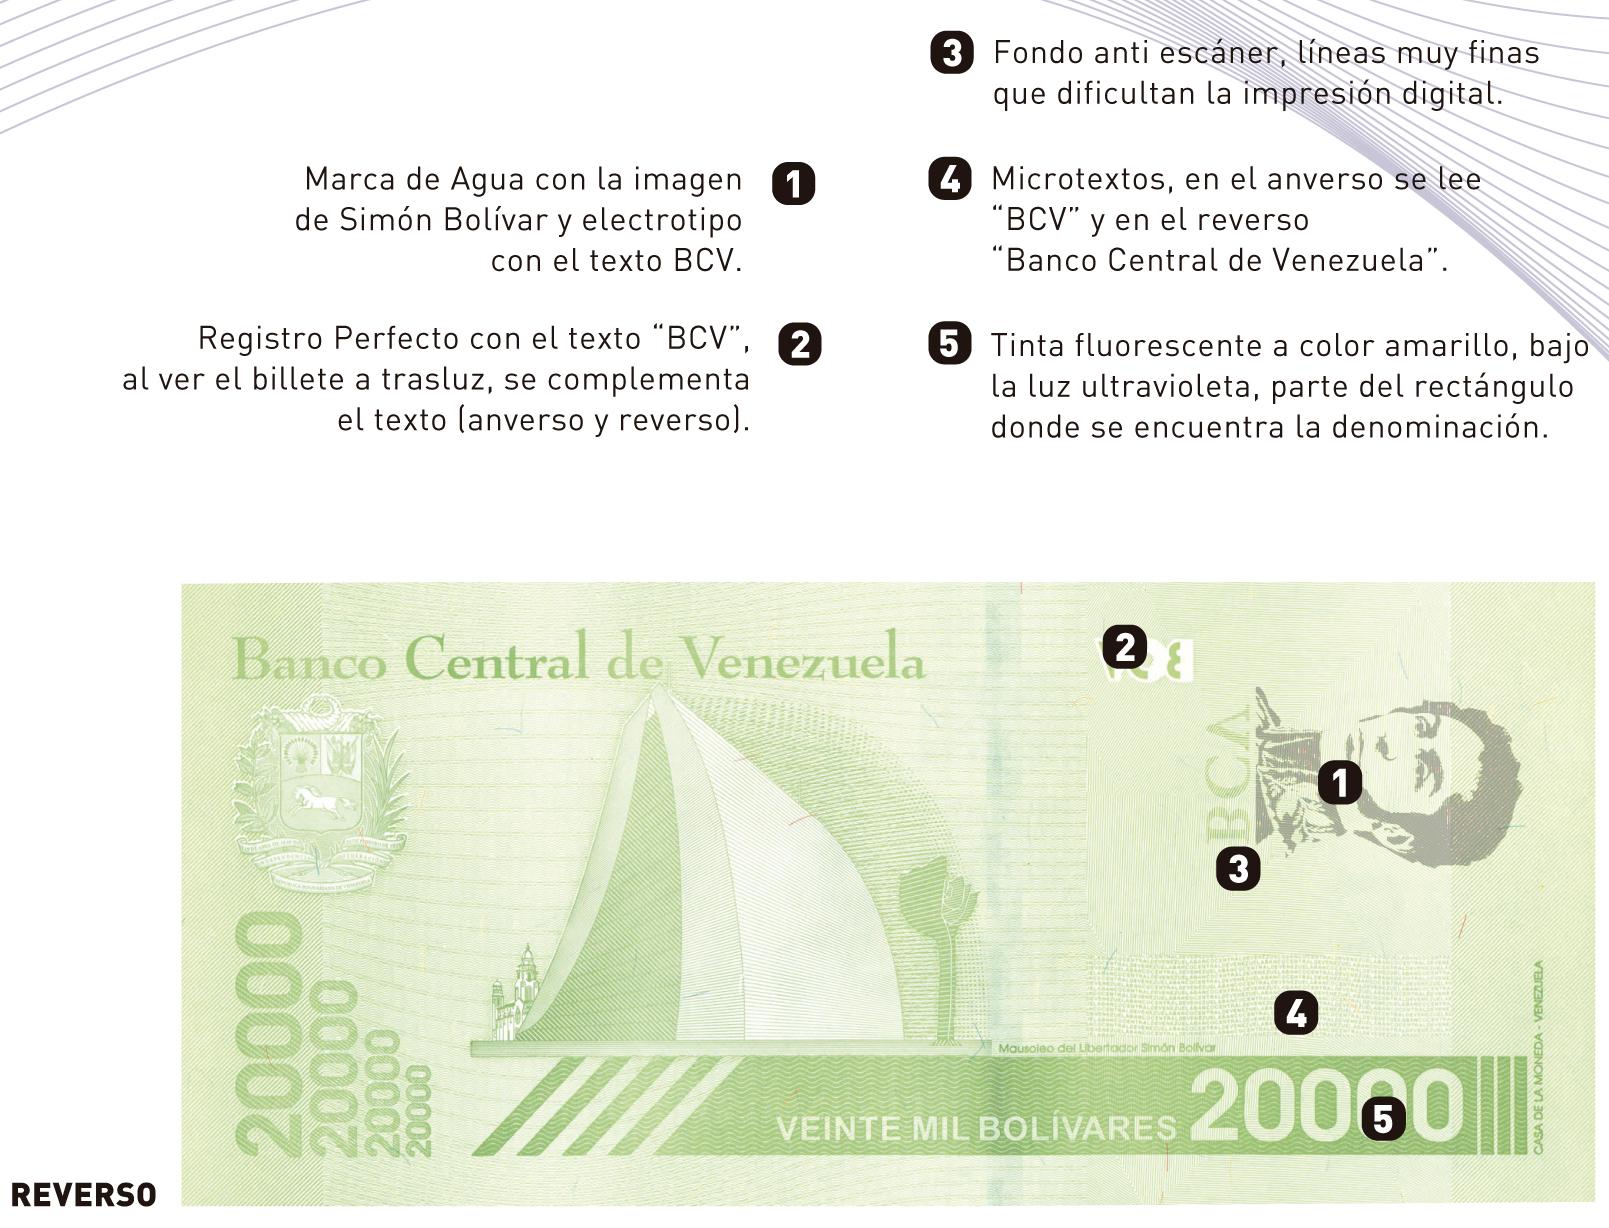 nuevo billete de 20 mil reverso